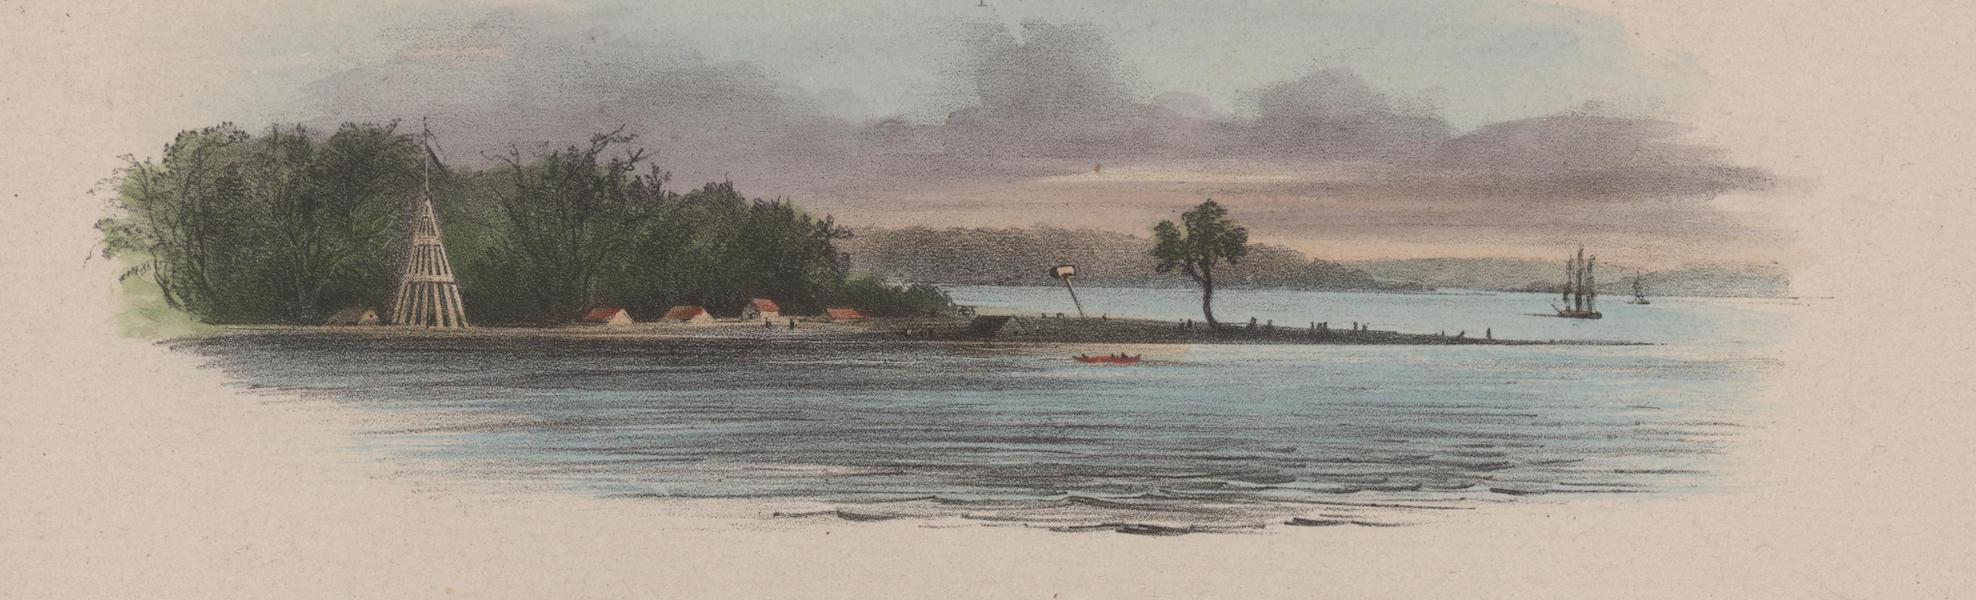 Voyage a Surinam - Braams-Punt, entree de la riviere de Surinam (1839)